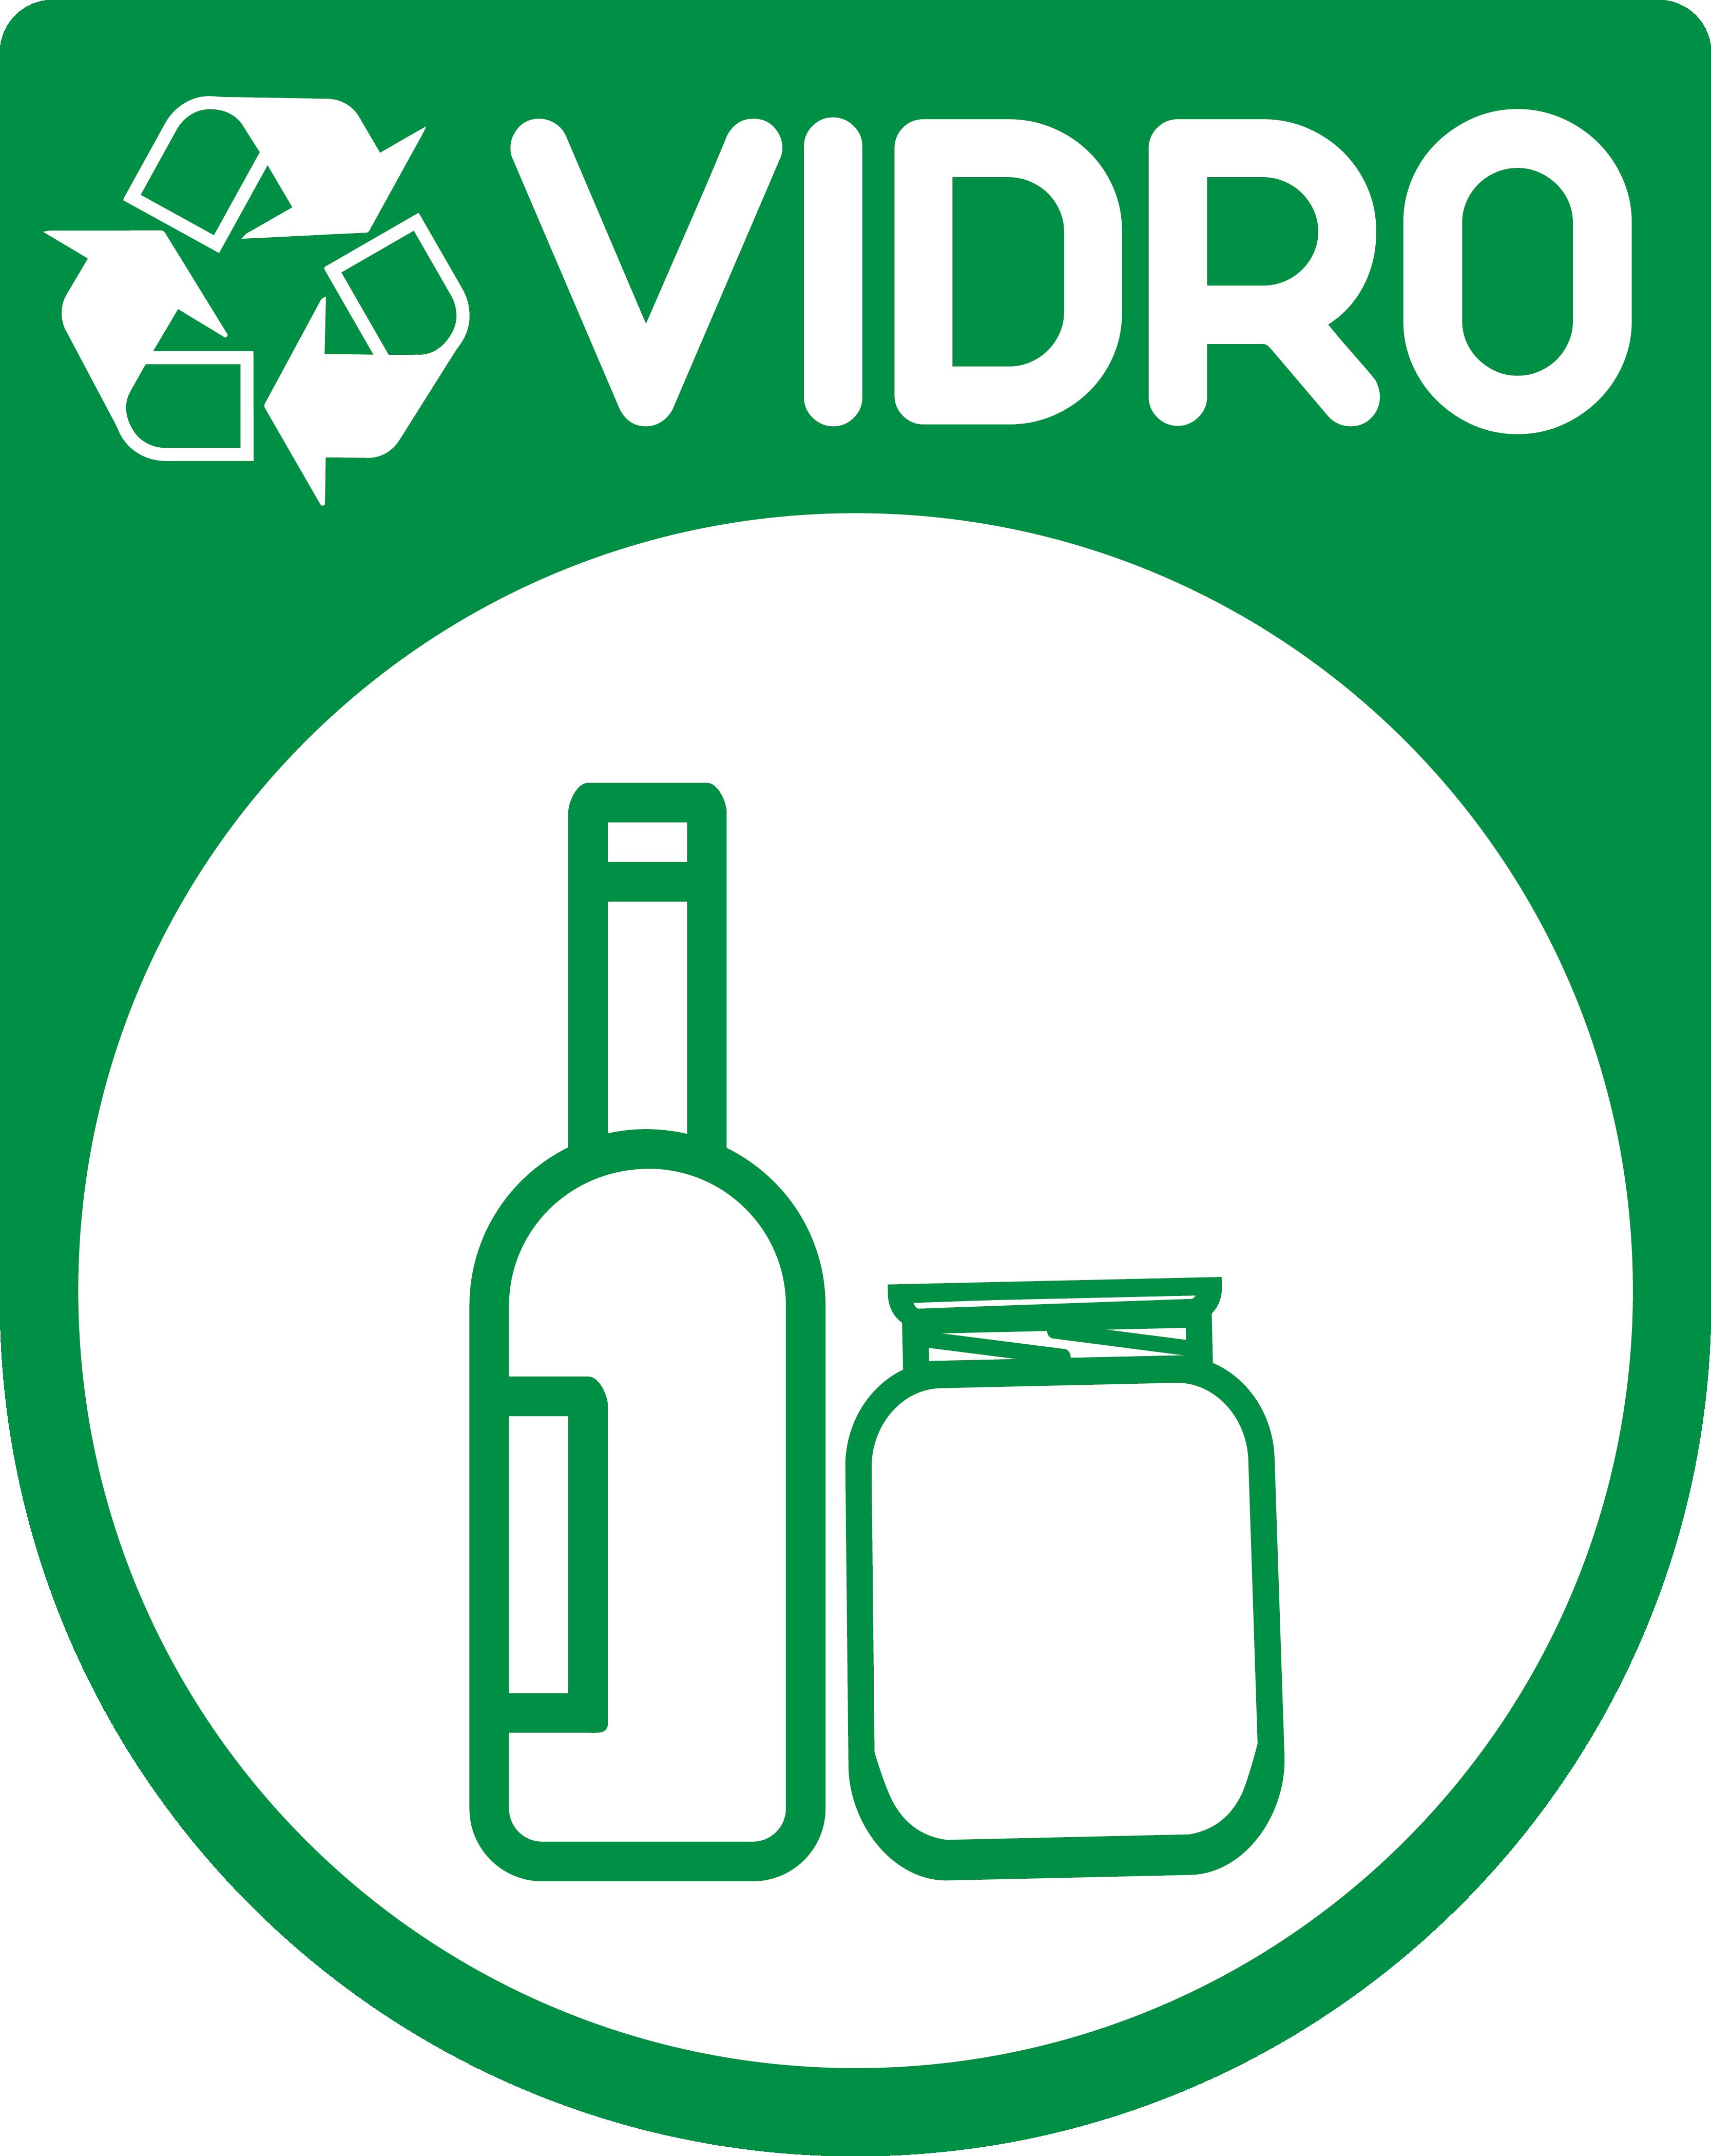 TenStickers. Nalepka z znakom za recikliranje stekla. Okrasna ikonična nalepka za recikliranje posode za smeti s slikovnim tiskom stekla in steklenic. Na voljo v poljubni velikosti.